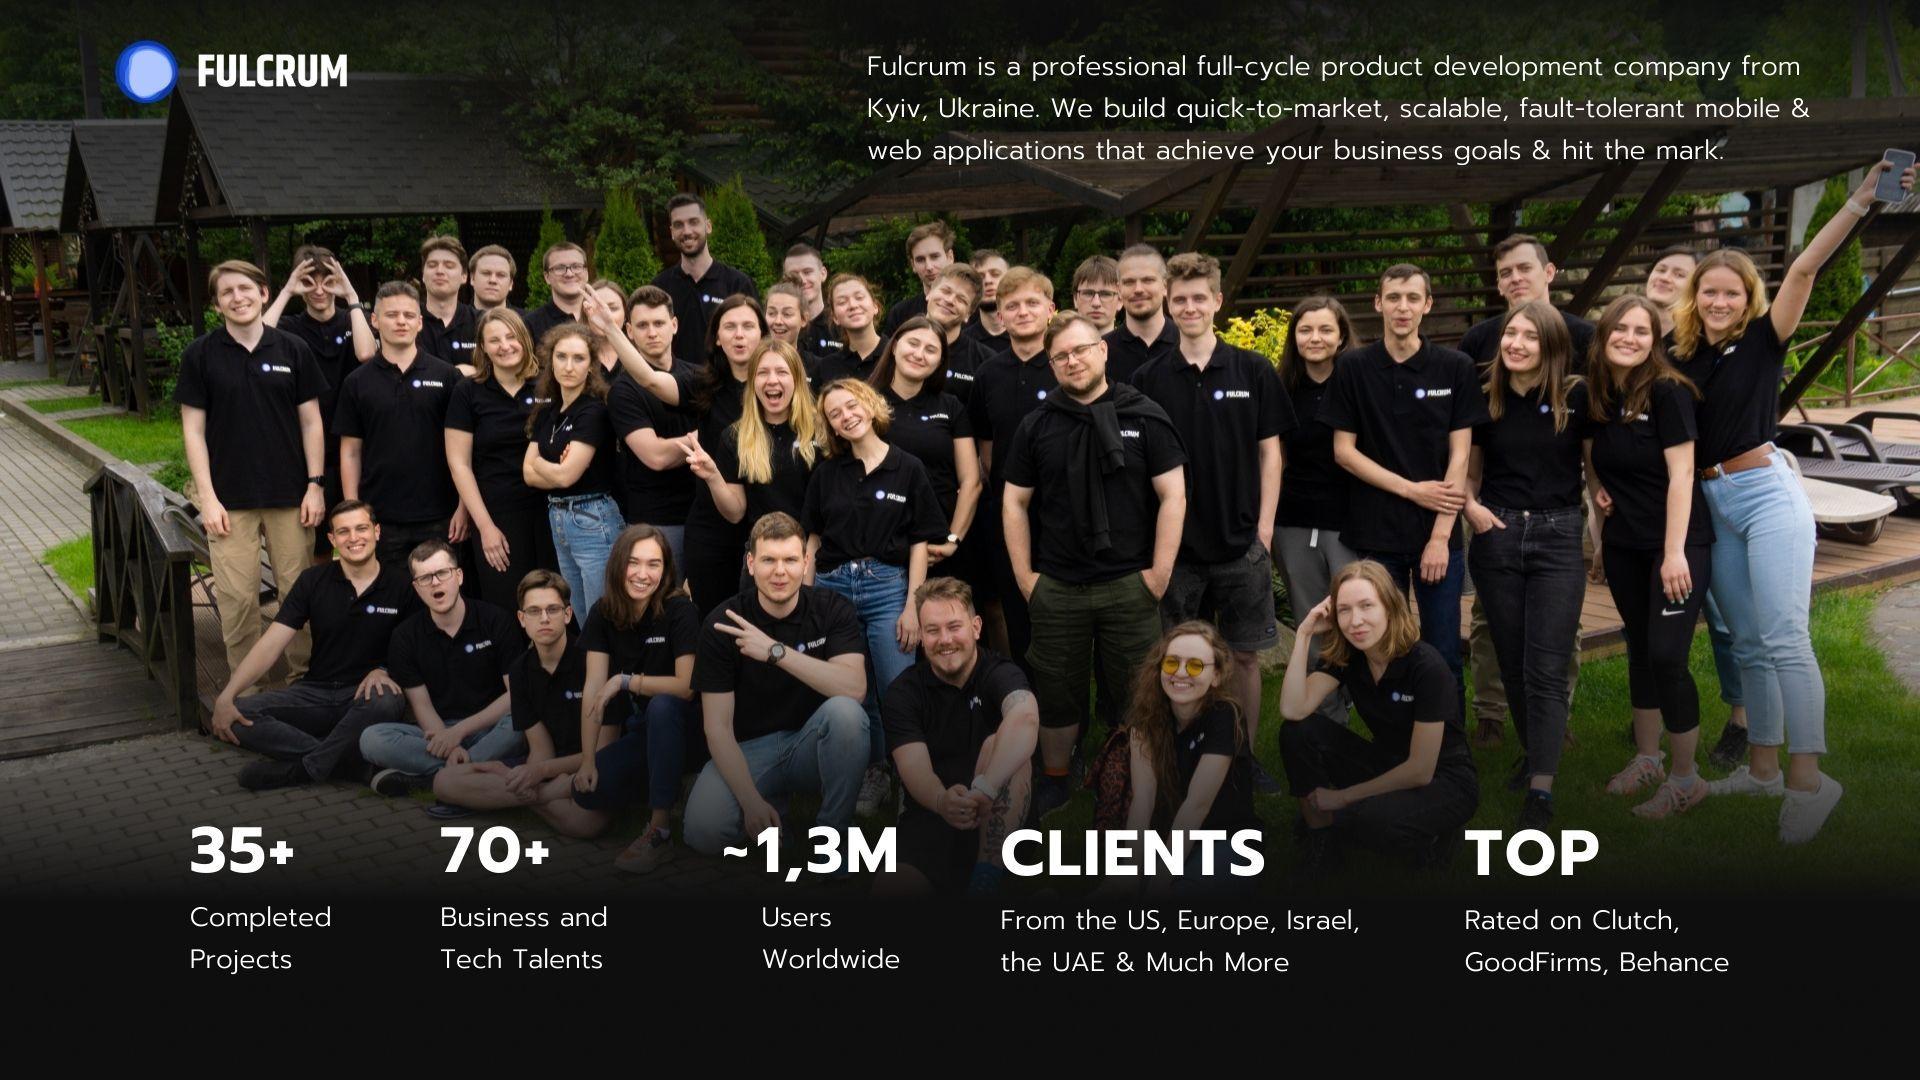 Fulcrum software development team.